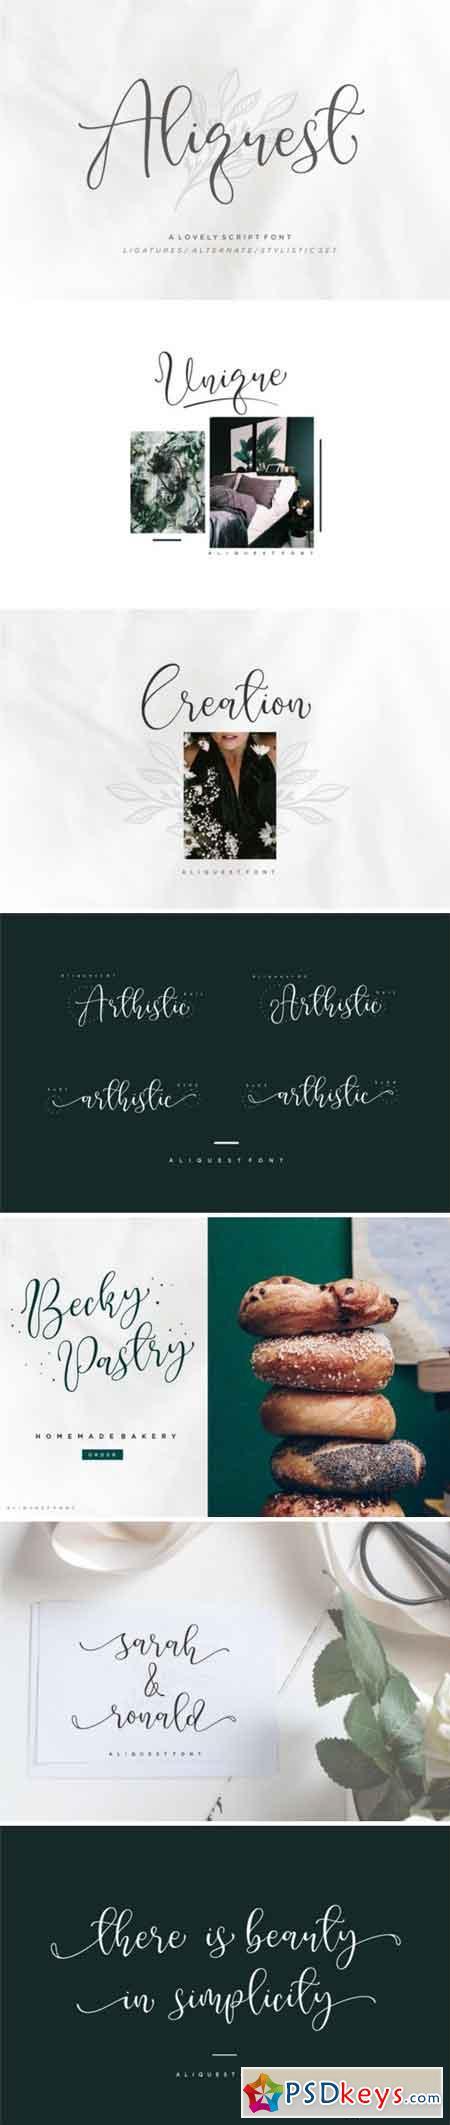 Aliquest Script Font 3373139